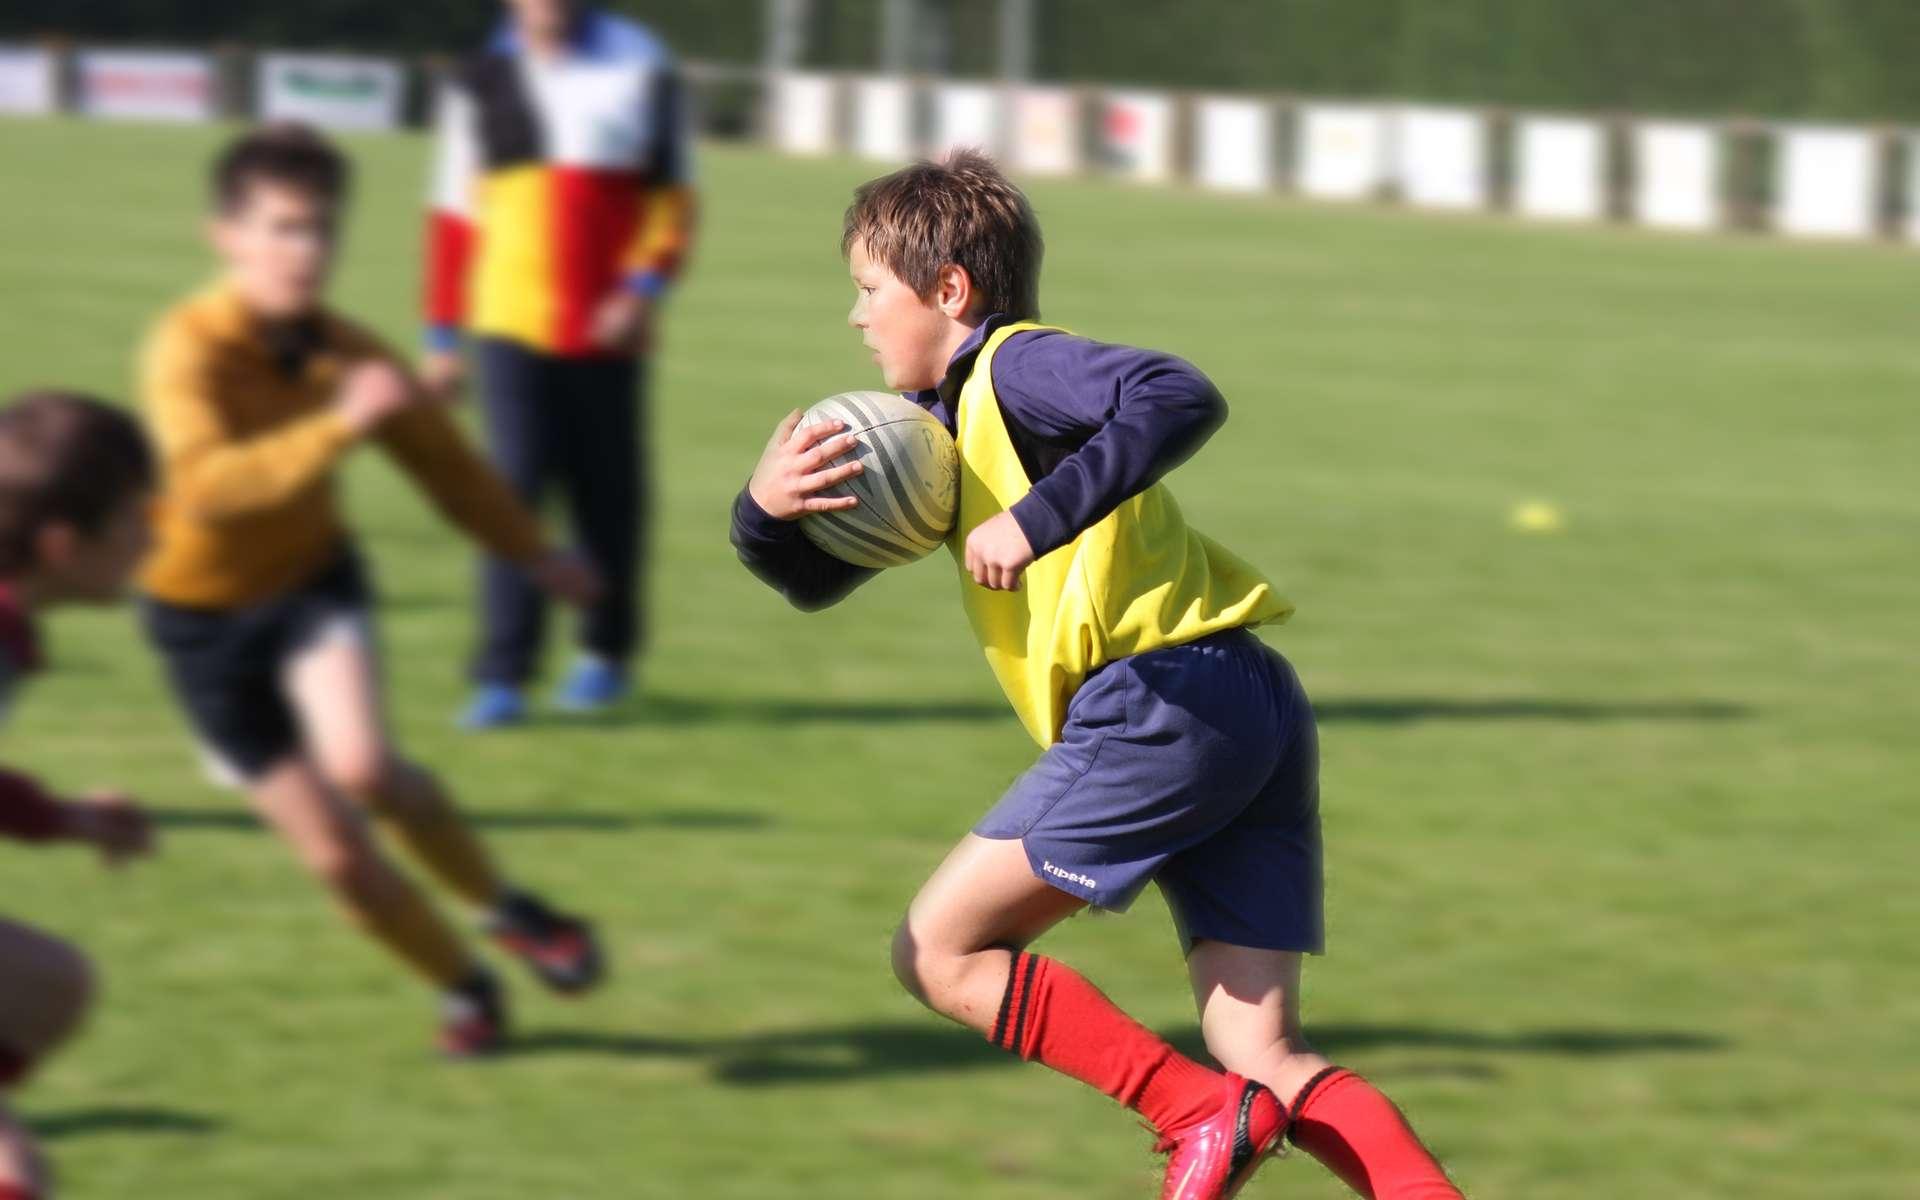 Un enfant asthmatique peut faire du sport. © emanelda, Fotolia.com